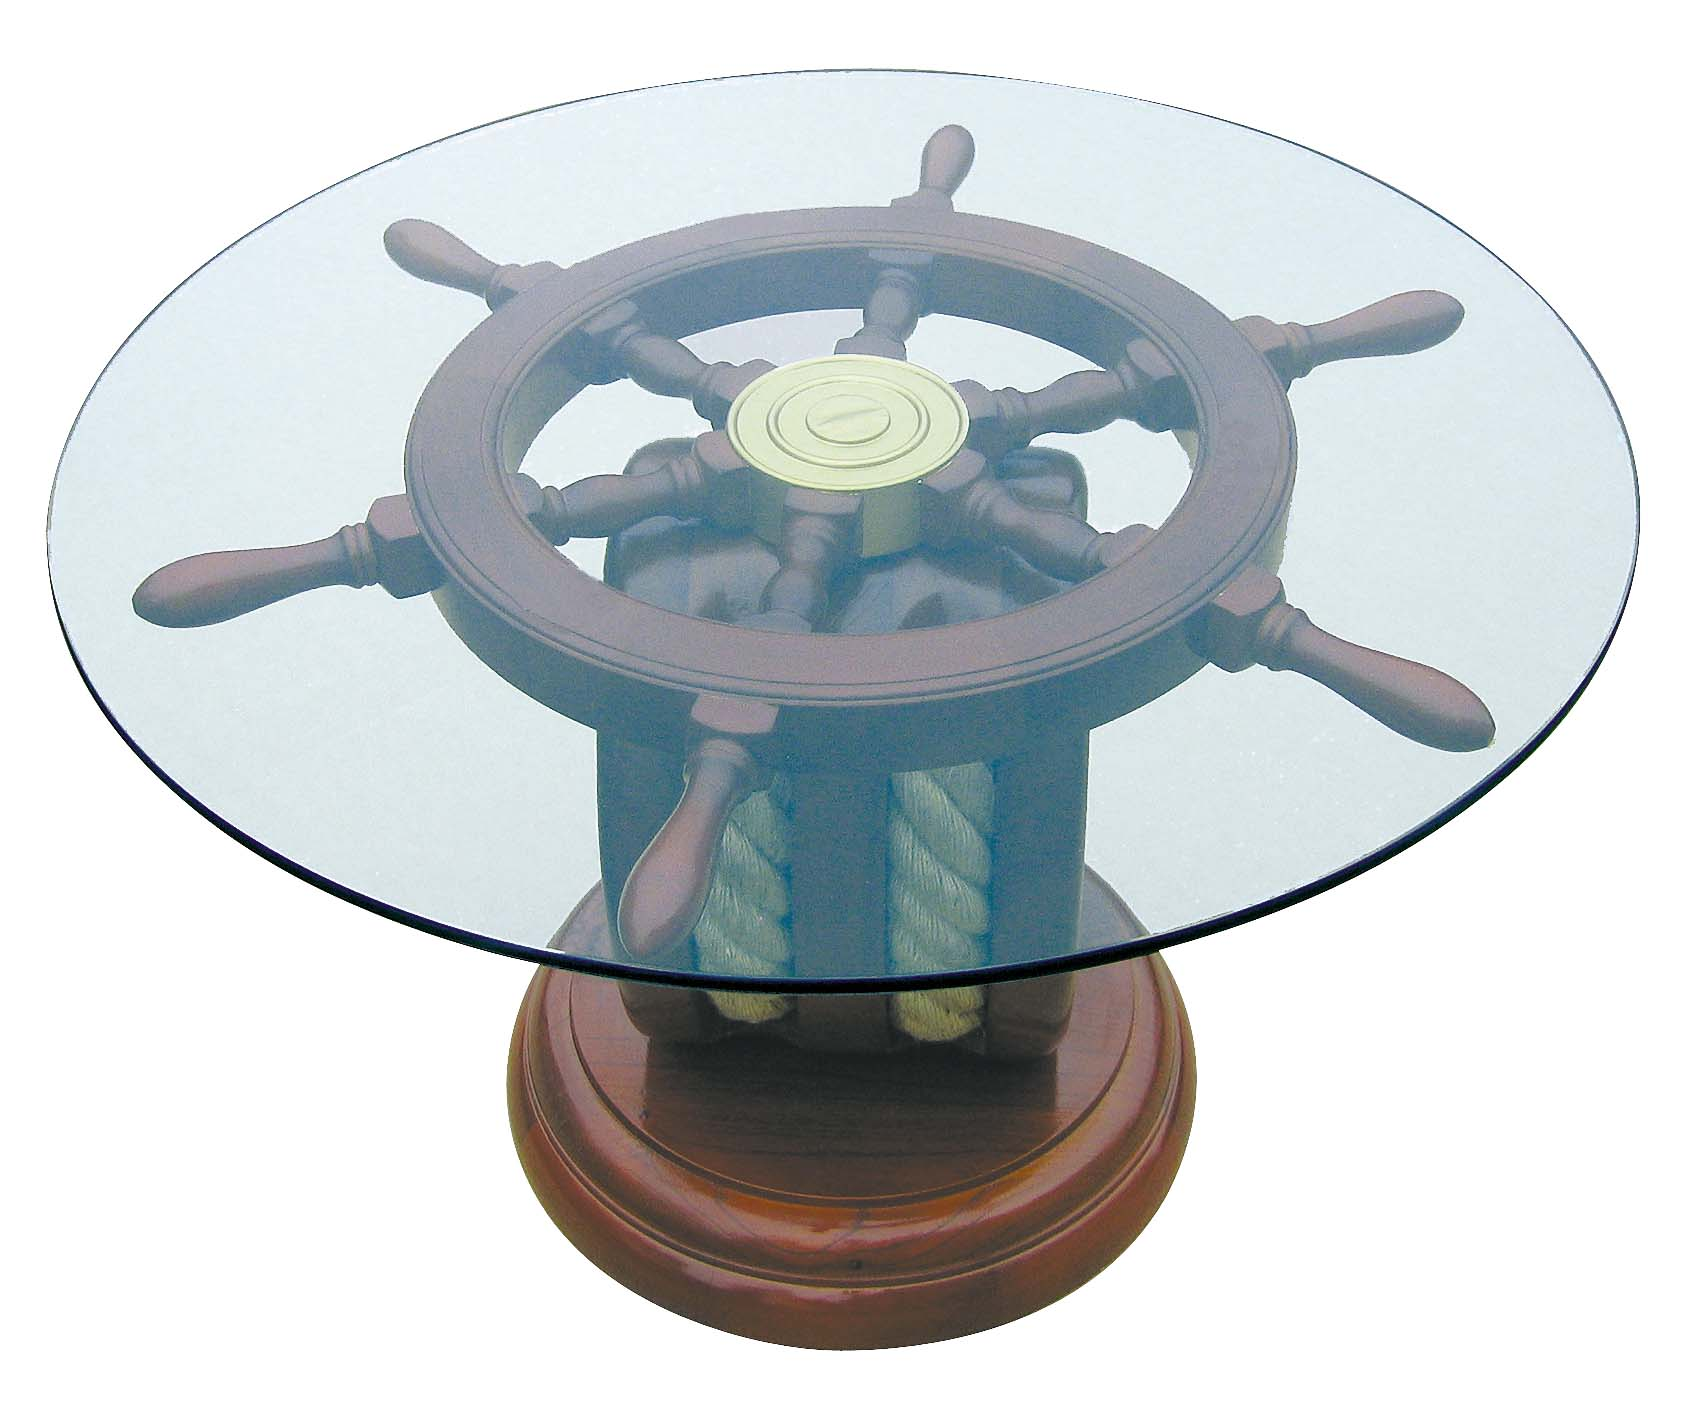 steuerrad tisch holz glas kommode hocker tisch einrichtung maritim wohnen mare me. Black Bedroom Furniture Sets. Home Design Ideas